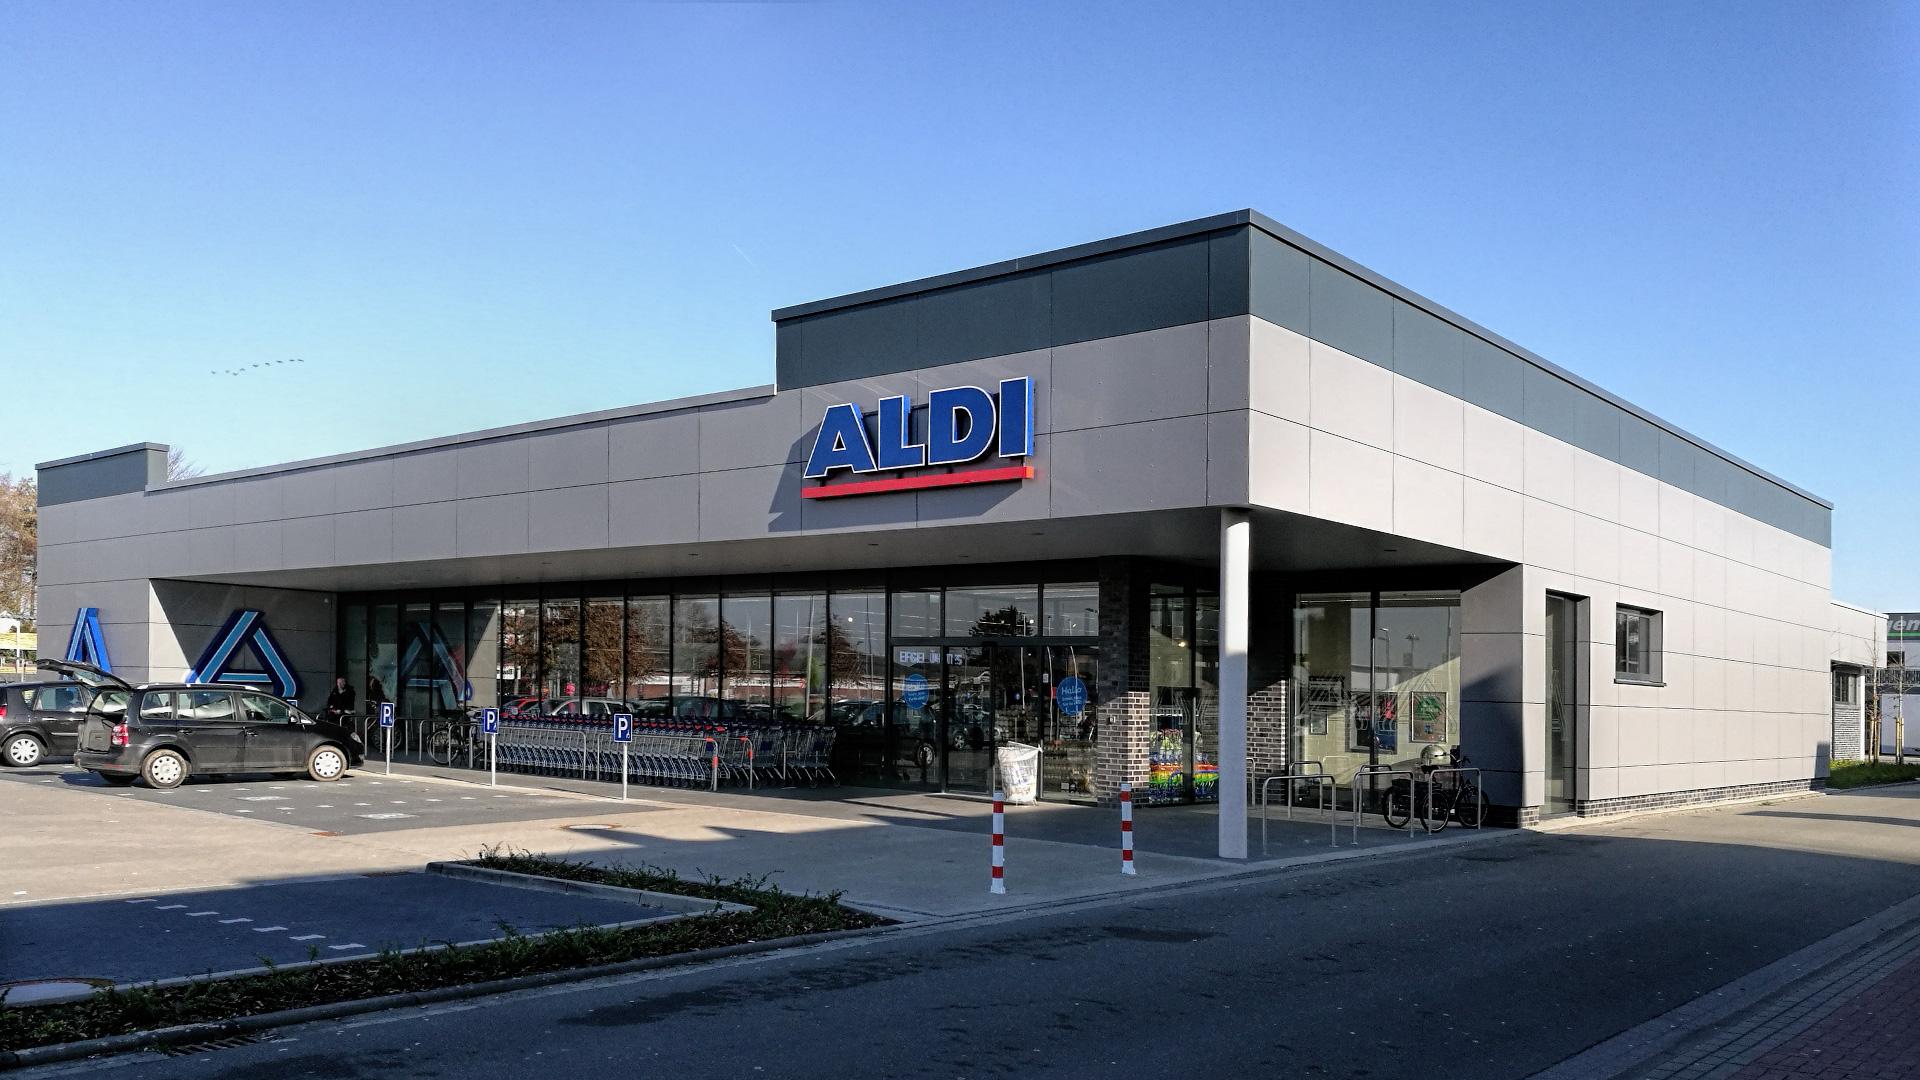 Neubau - Aldi Verbrauchermarkt - Friesoythe - 2018